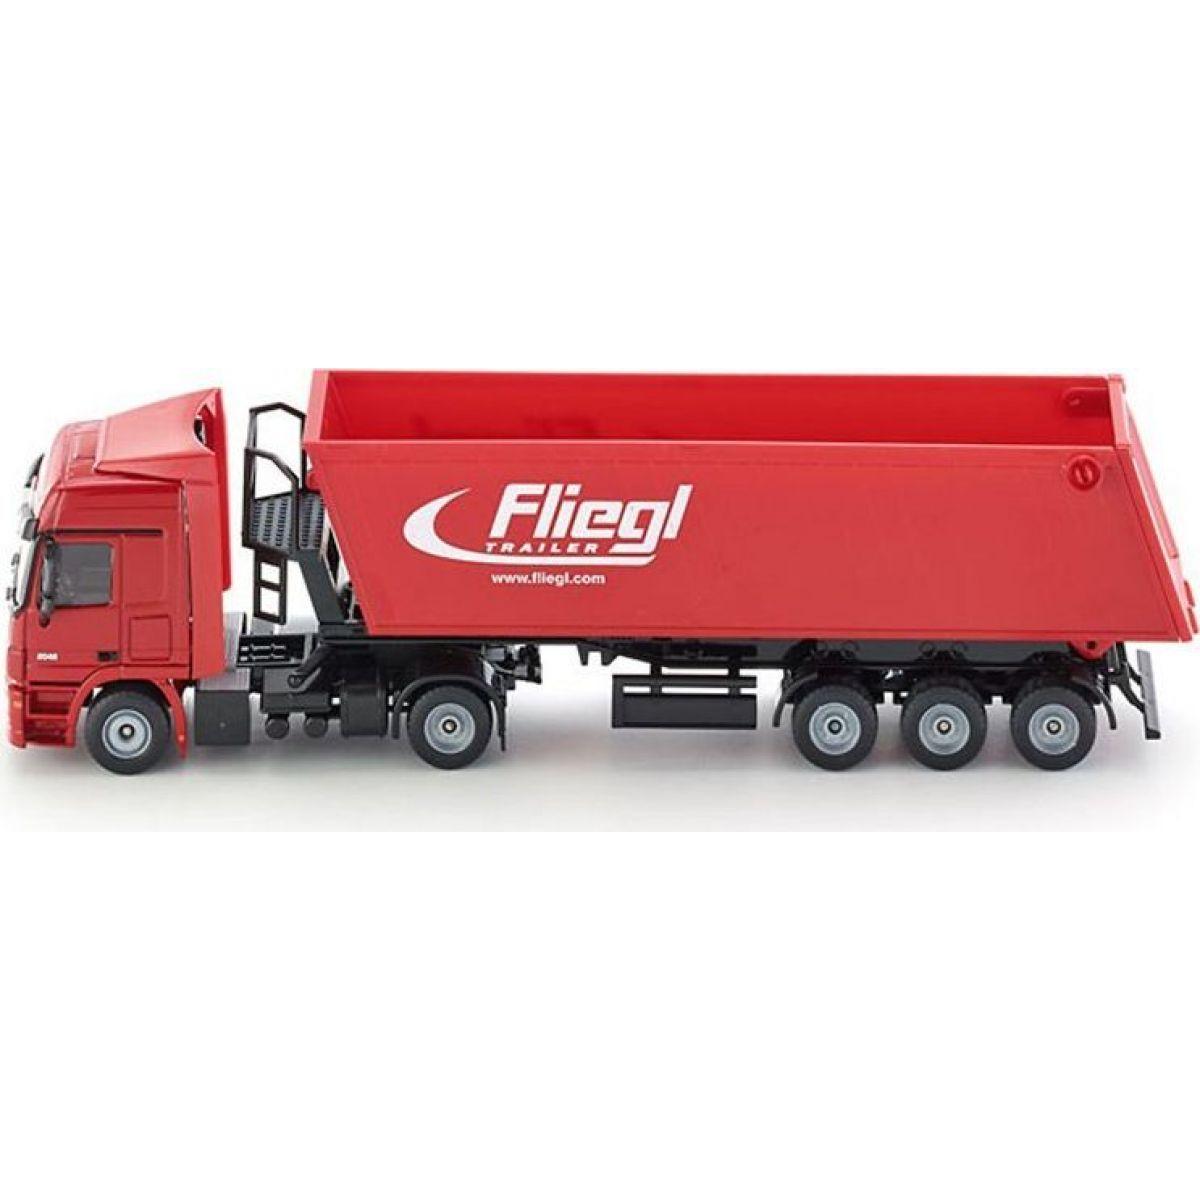 Siku Super Kamion s vyklápěcím vlekem červený 3537 1:50